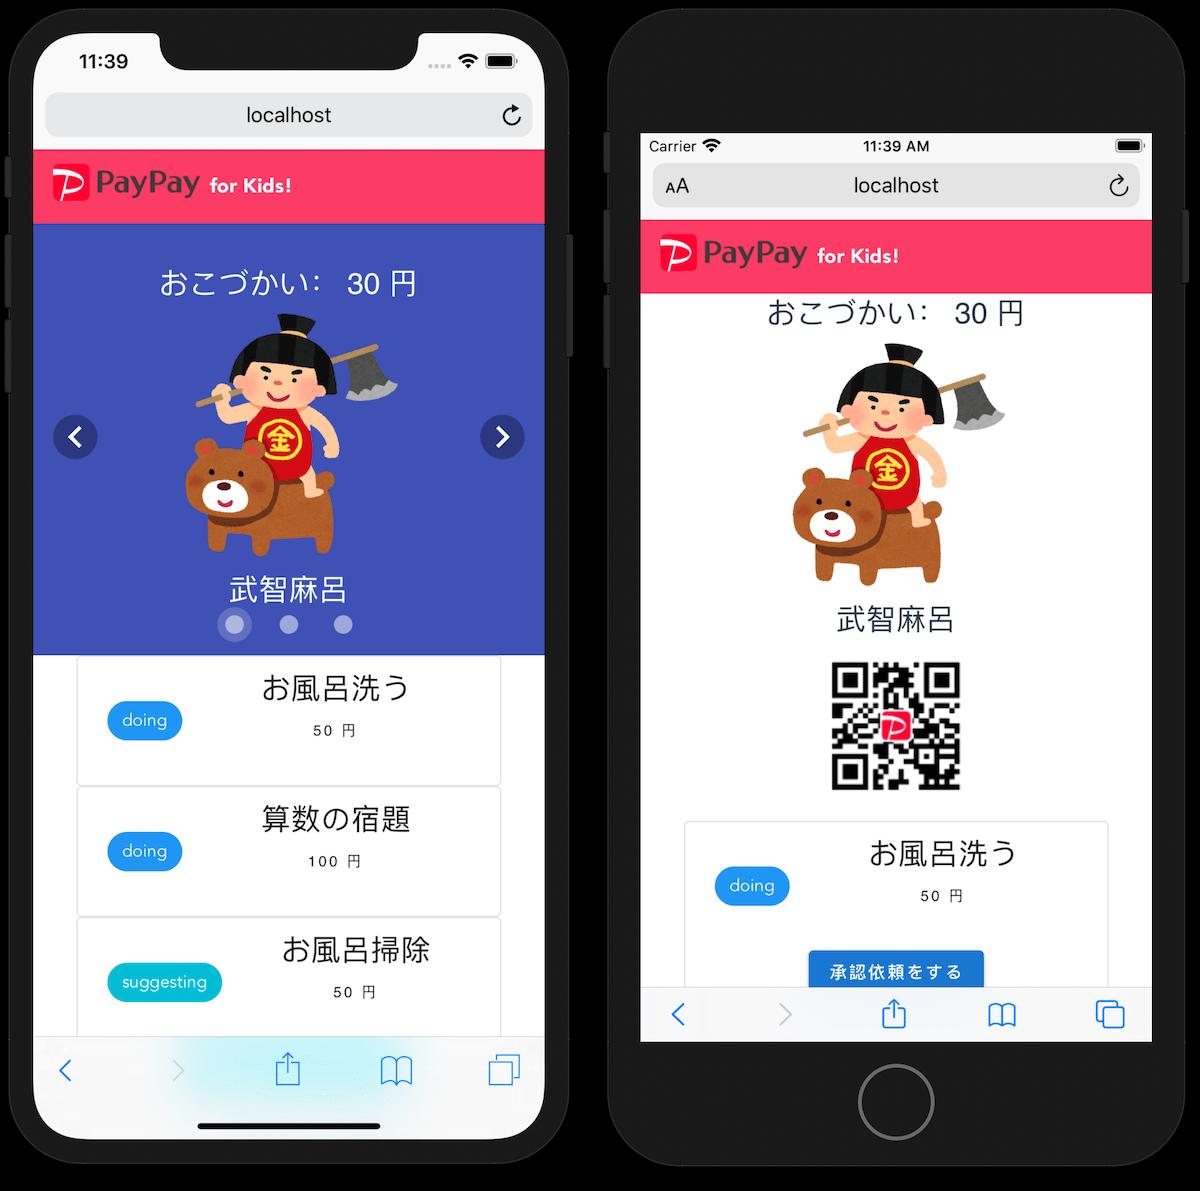 開発したアプリ-PayPay for Kids